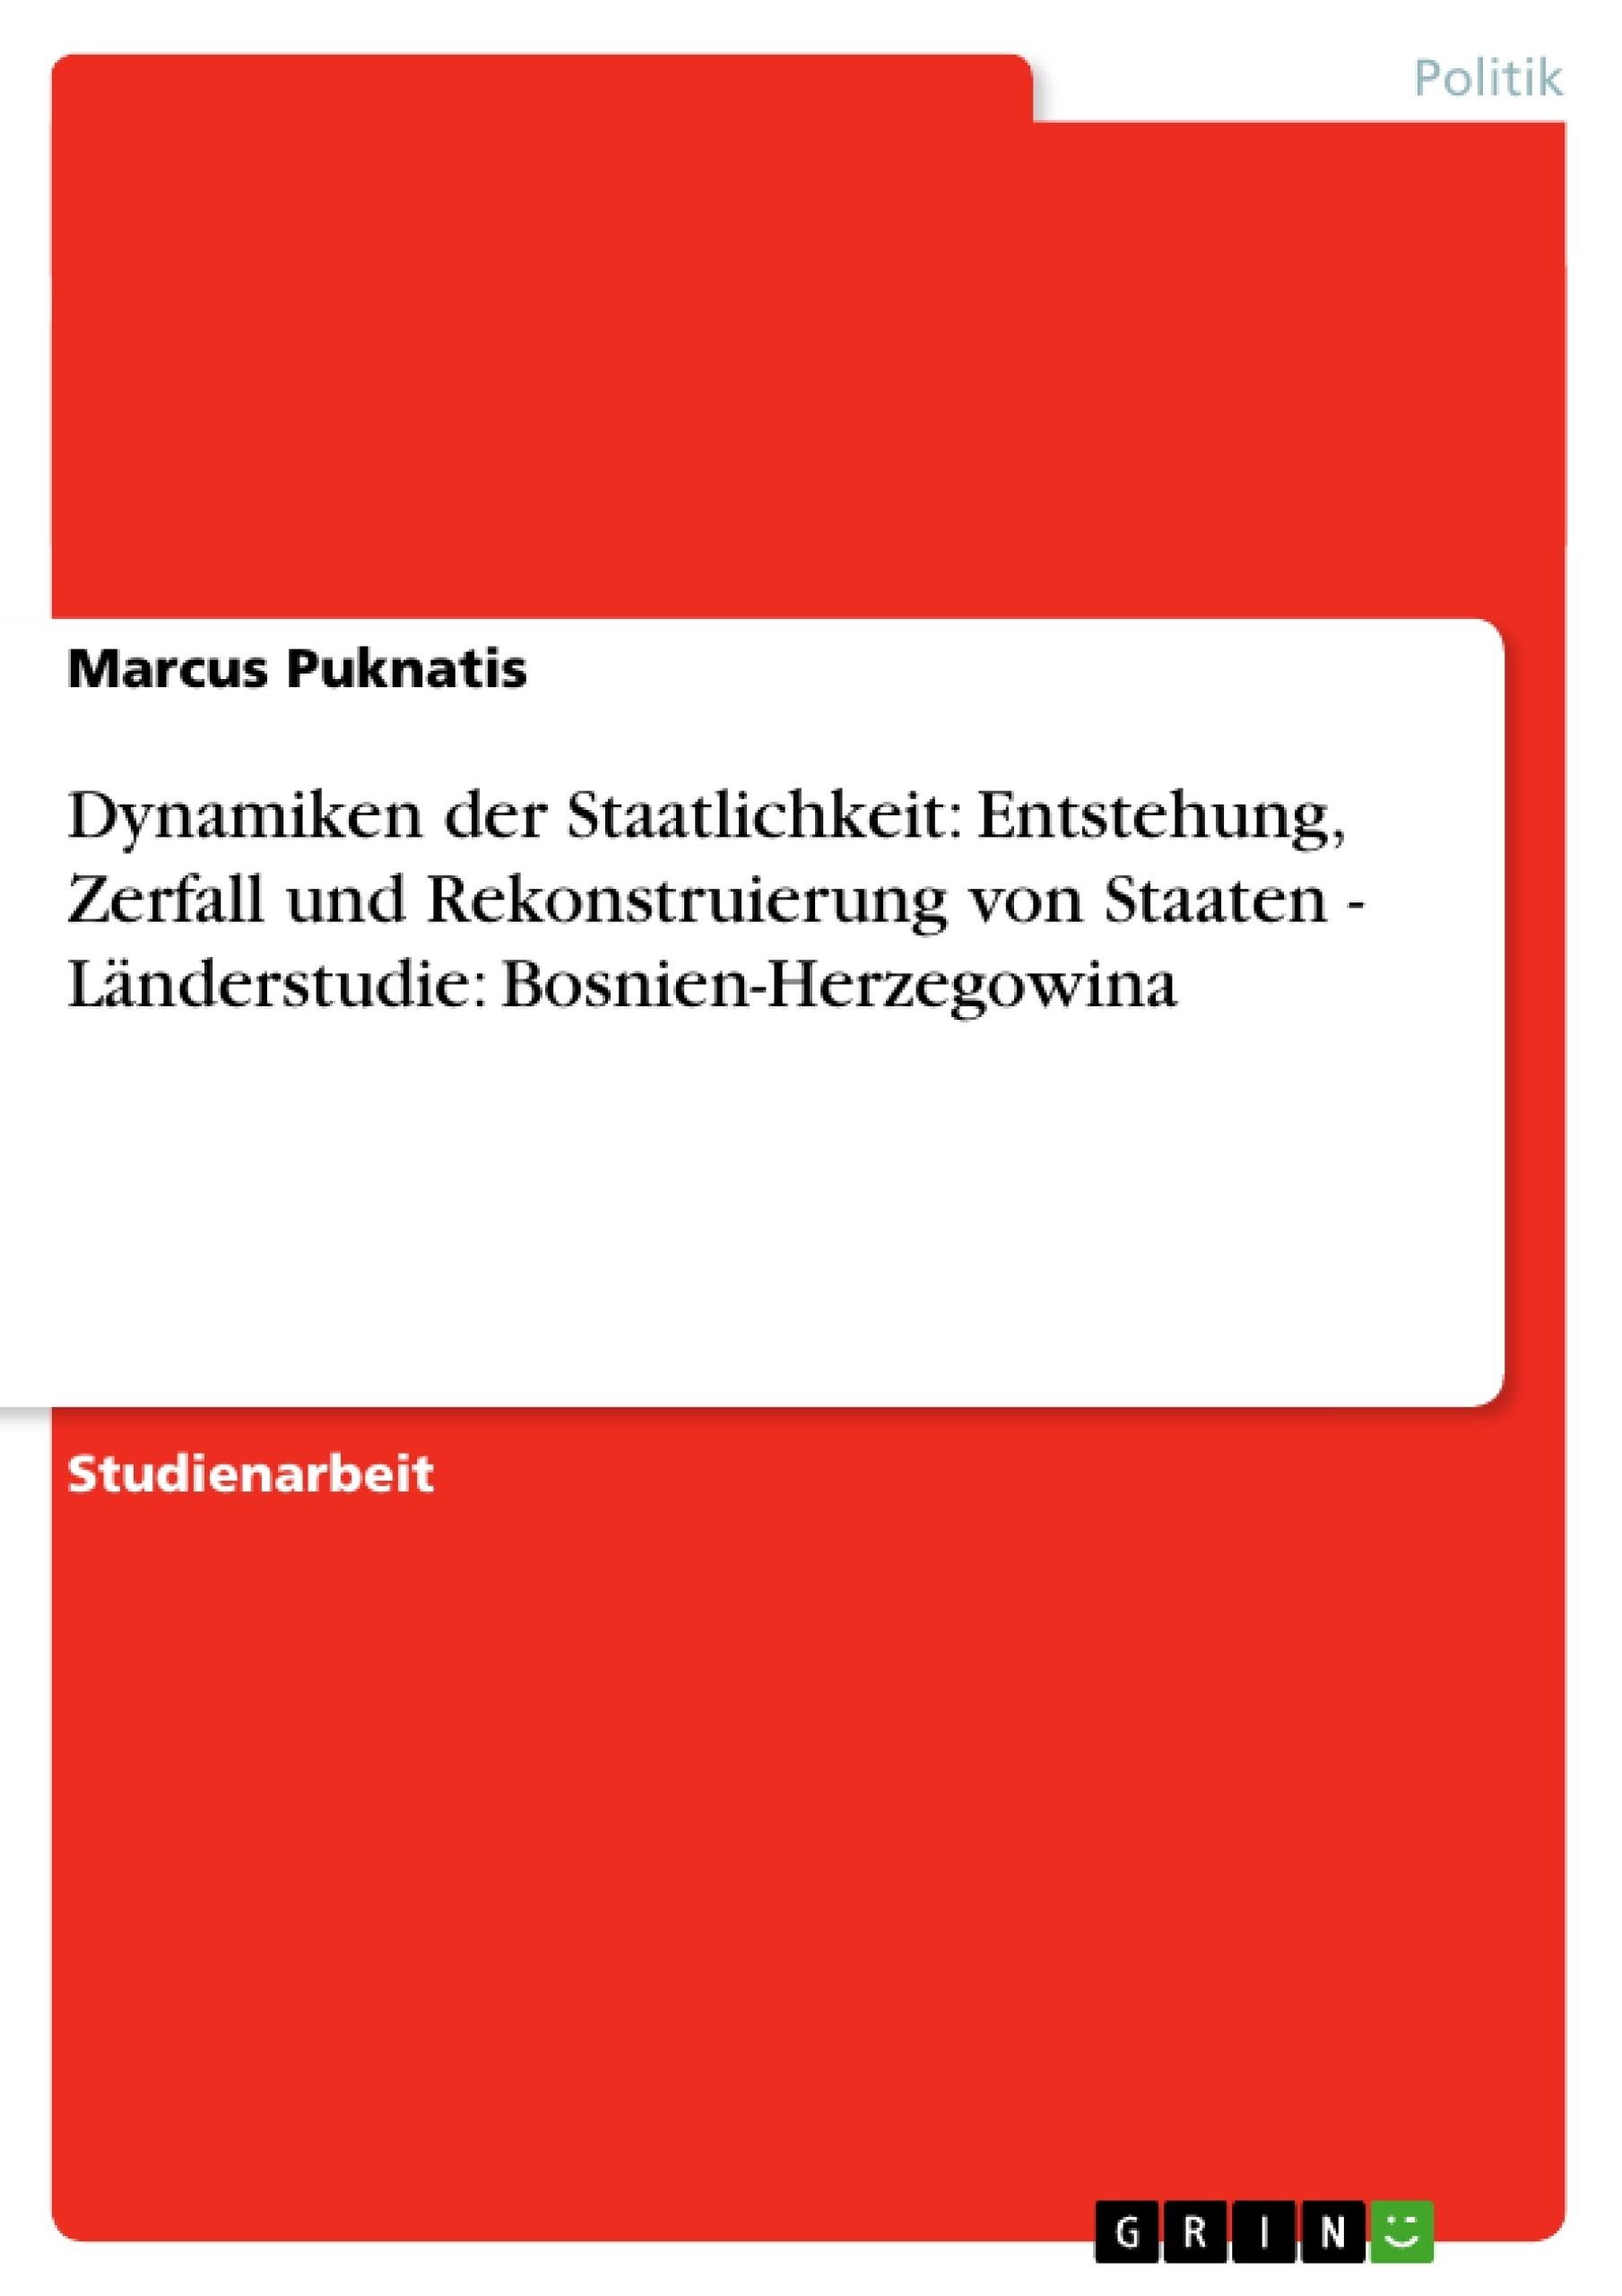 Titel: Dynamiken der Staatlichkeit: Entstehung, Zerfall und Rekonstruierung von Staaten - Länderstudie: Bosnien-Herzegowina